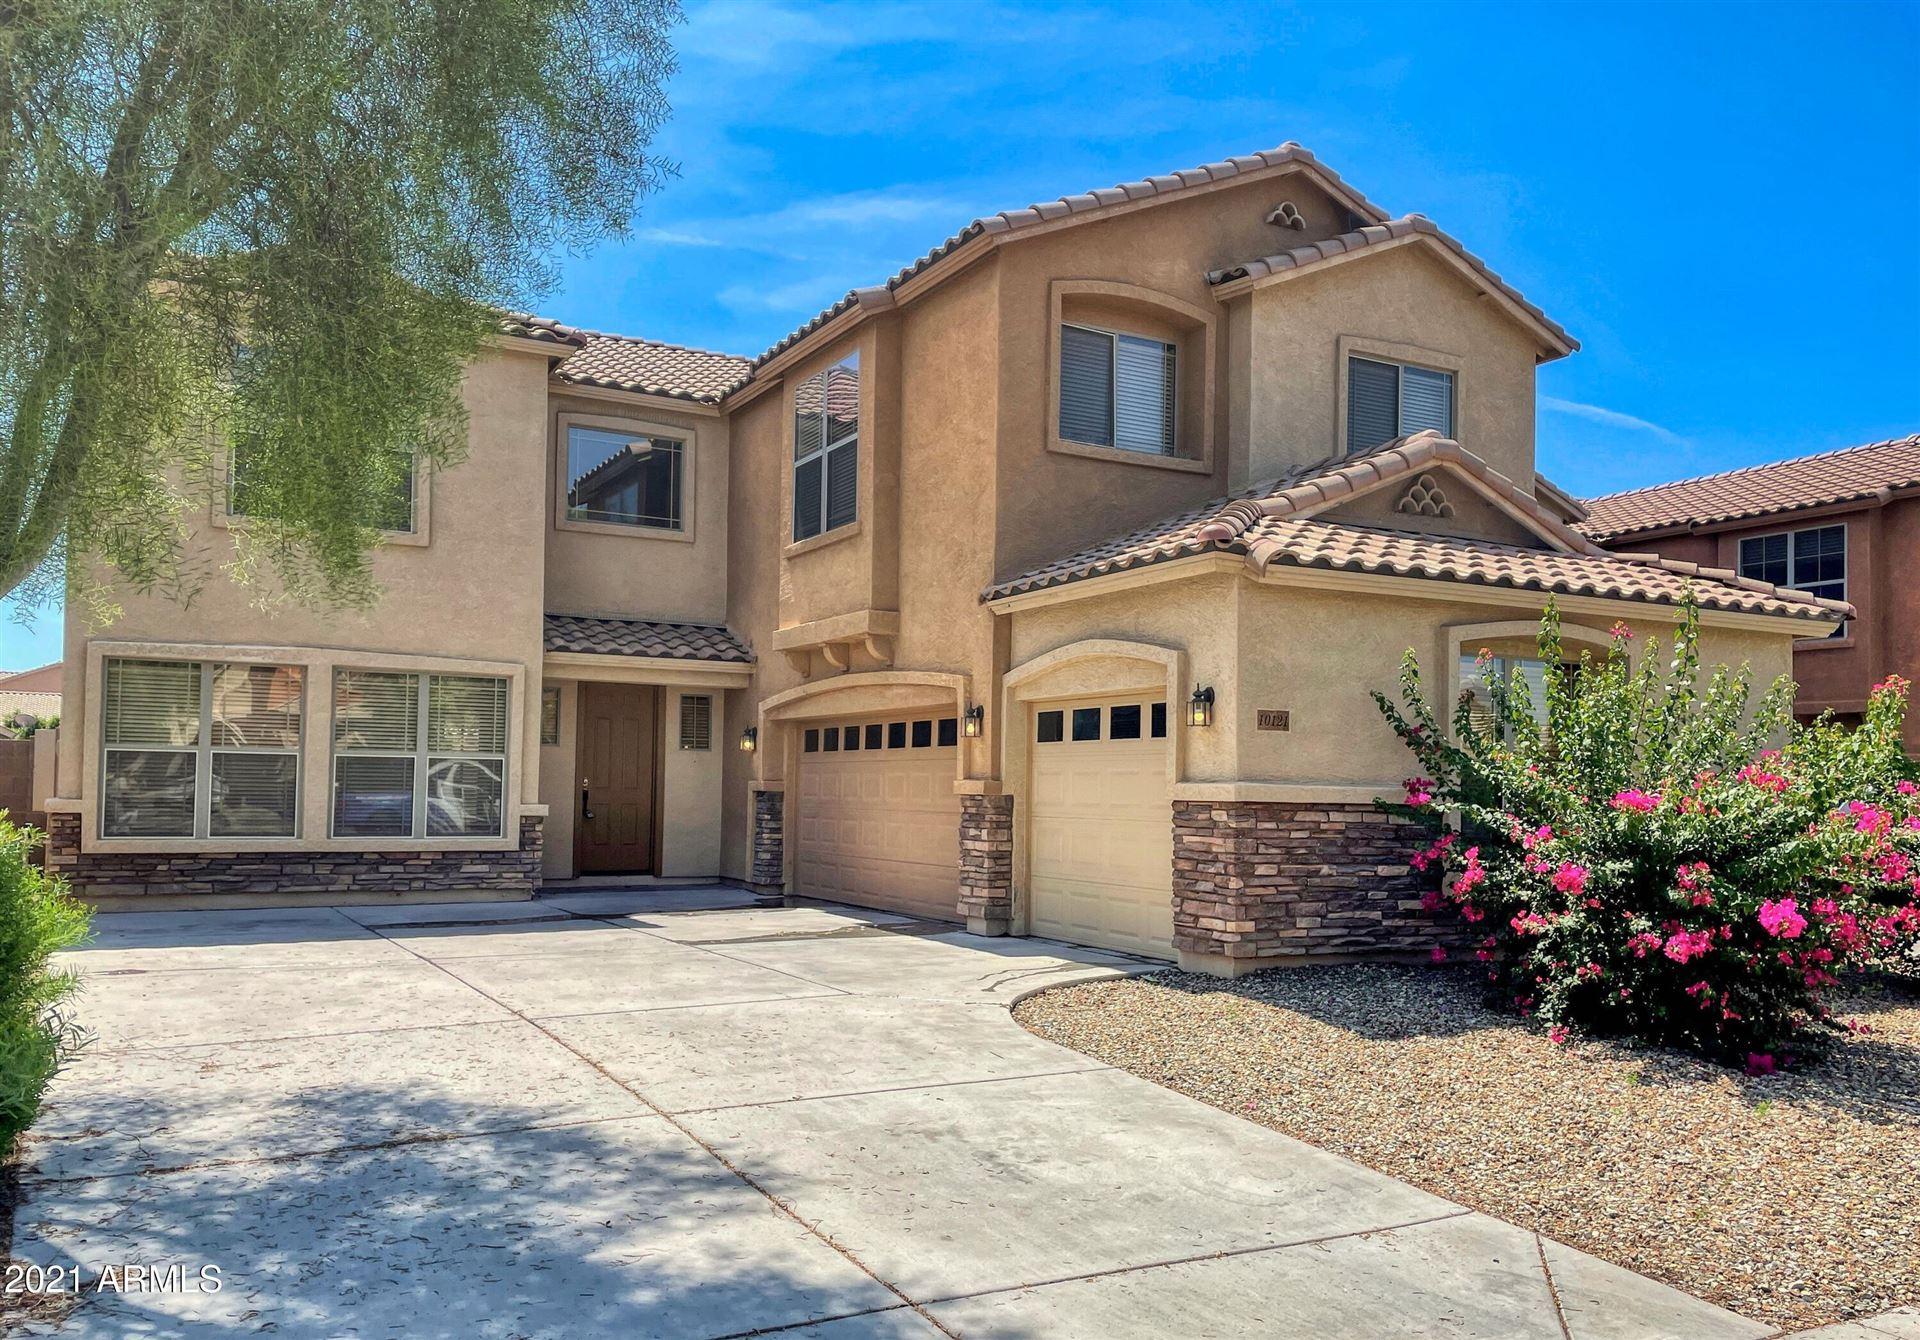 10121 W ILLINI Street, Tolleson, AZ 85353 - MLS#: 6289139